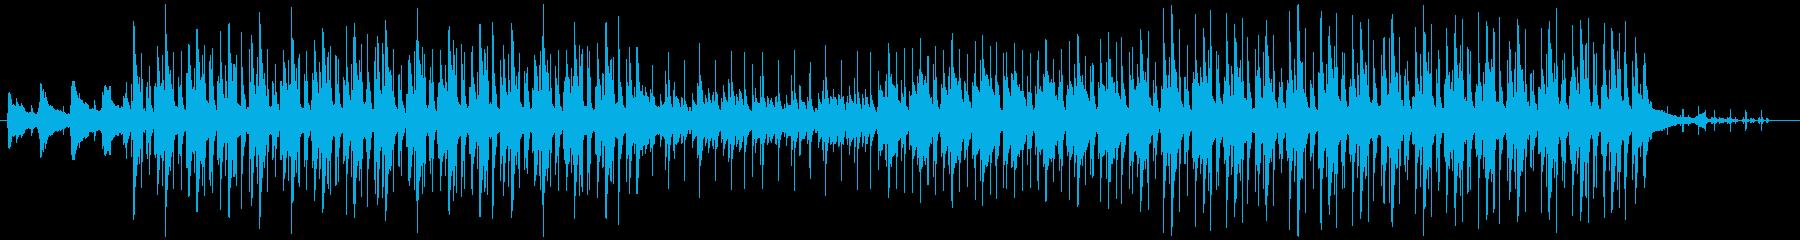 ナチュラルで明るくハッピーなBGMの再生済みの波形